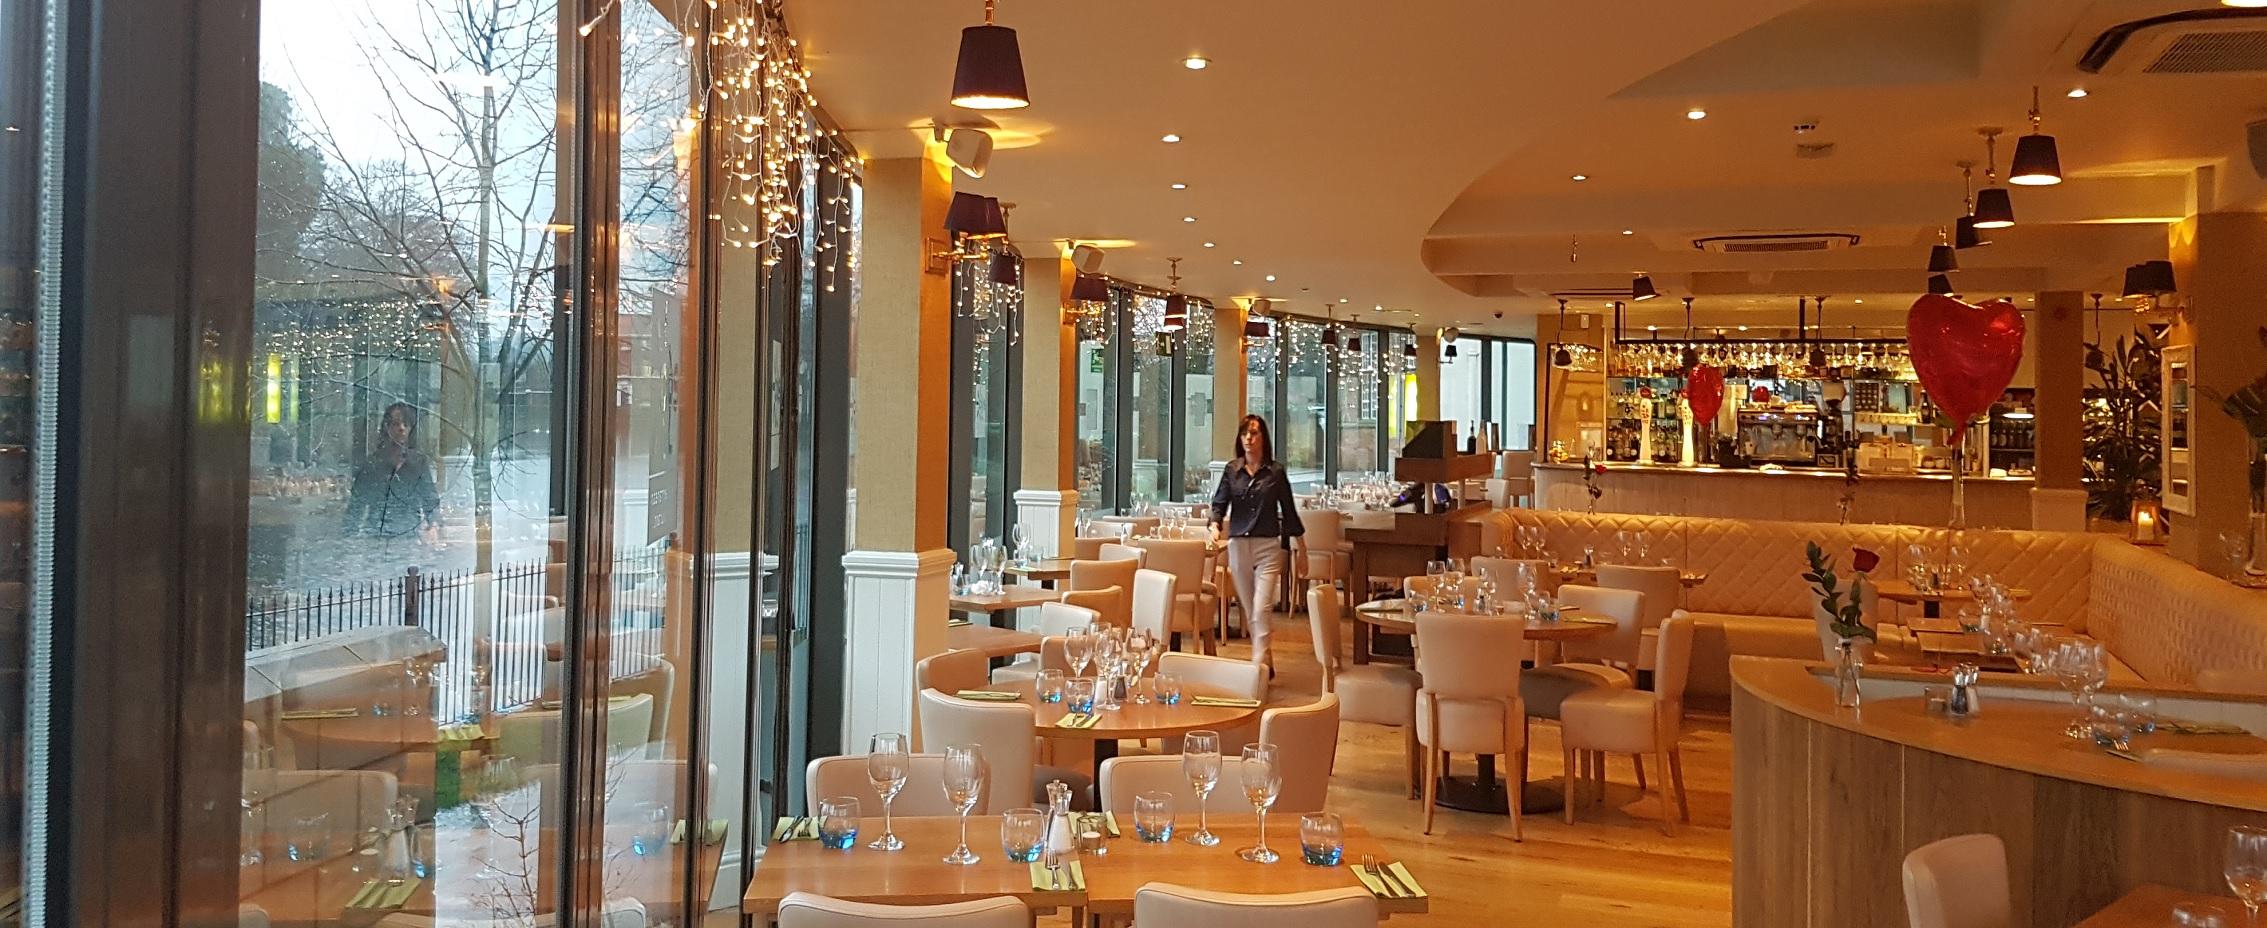 Ego Mediterranean Restaurant & Bar Lichfield